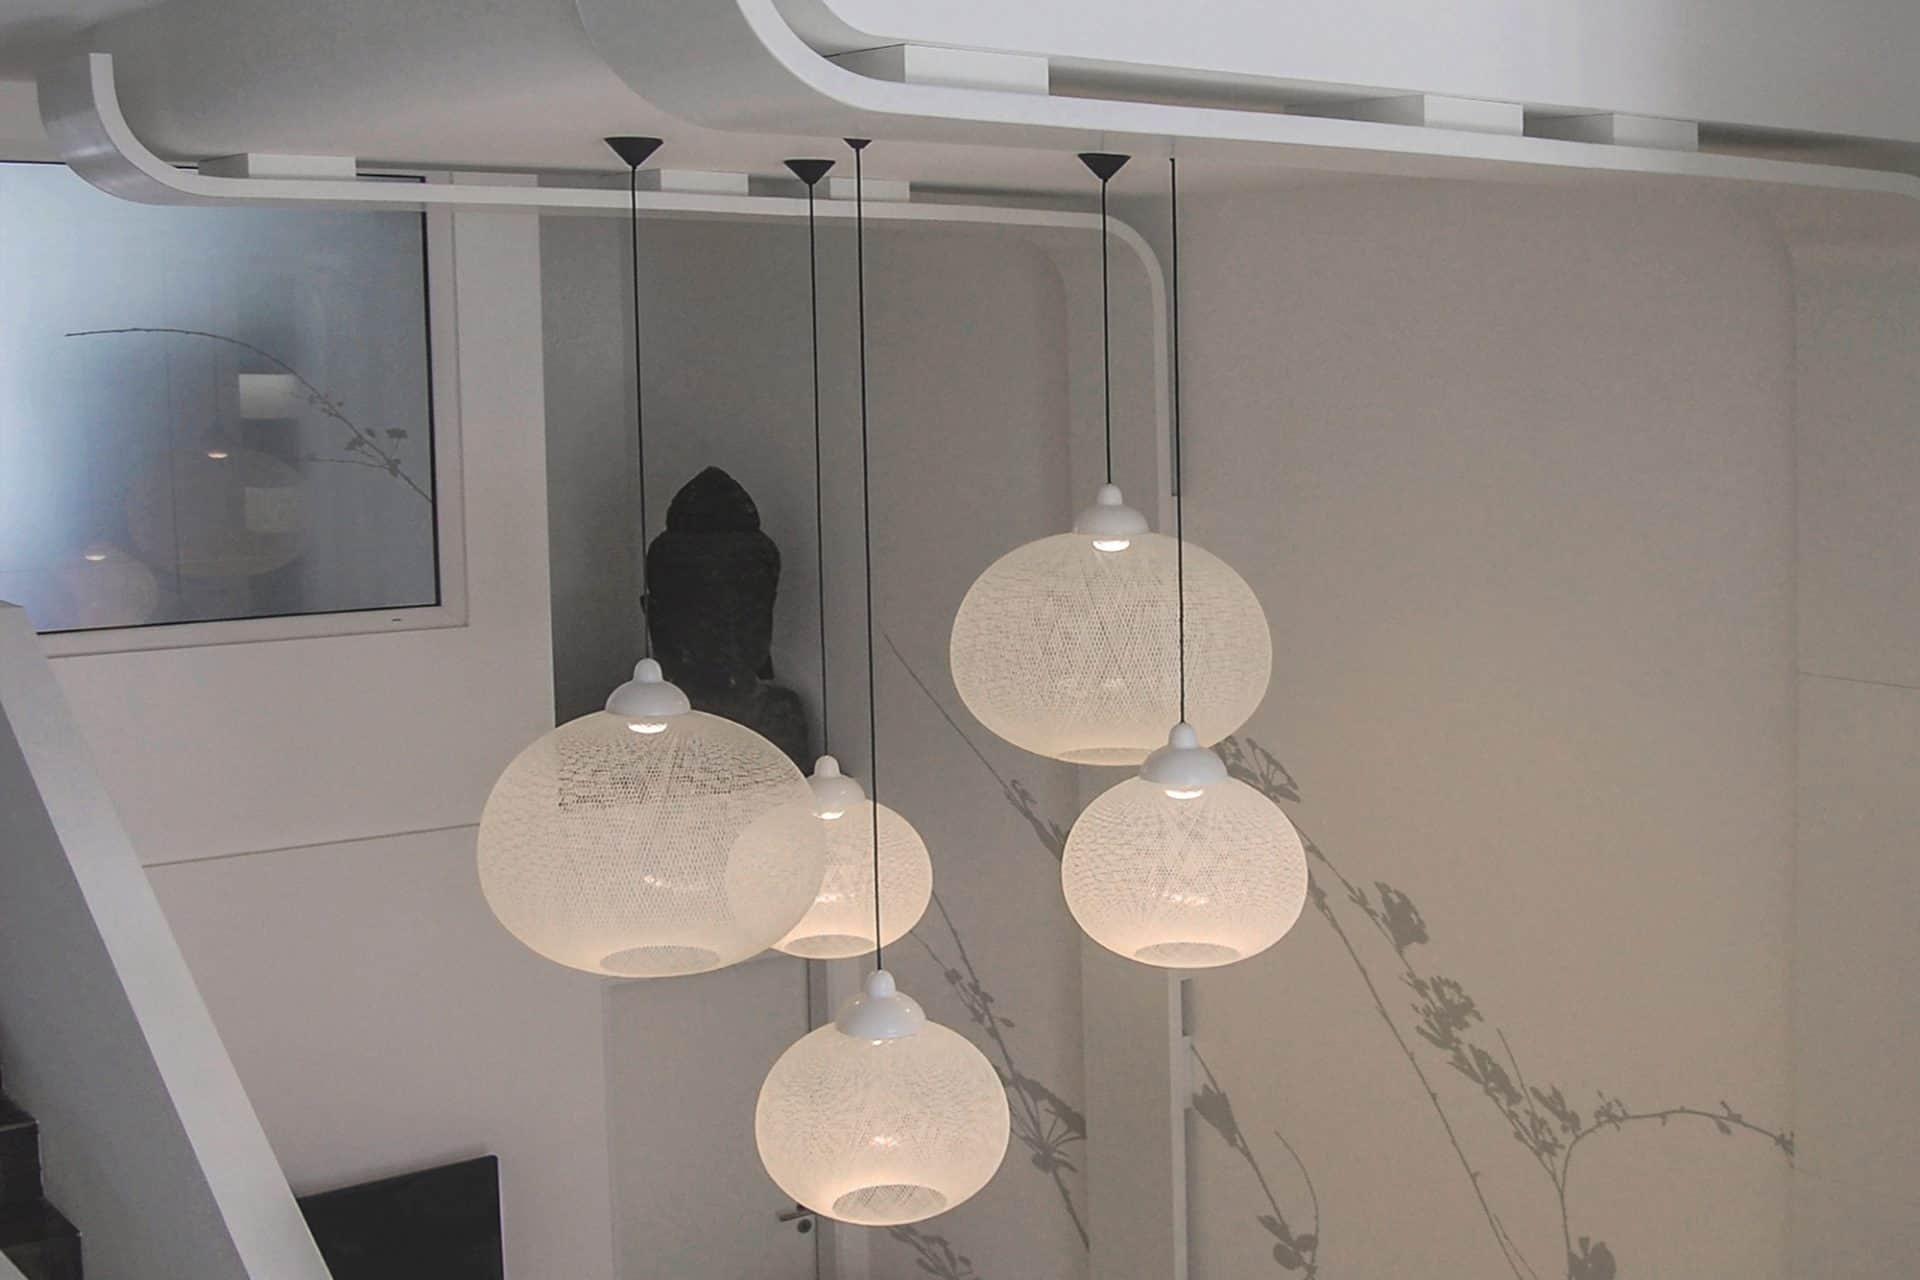 Wartebereich mit weißen Leuchten Non-Random von Moooi und Formholz-Elementen Praxis-Design in der Zahnarztpraxis am Kaiserkai HafenCity von Dr. Christian Urselmann im ästhetischen und zeitlosen Design von Lange Architekten